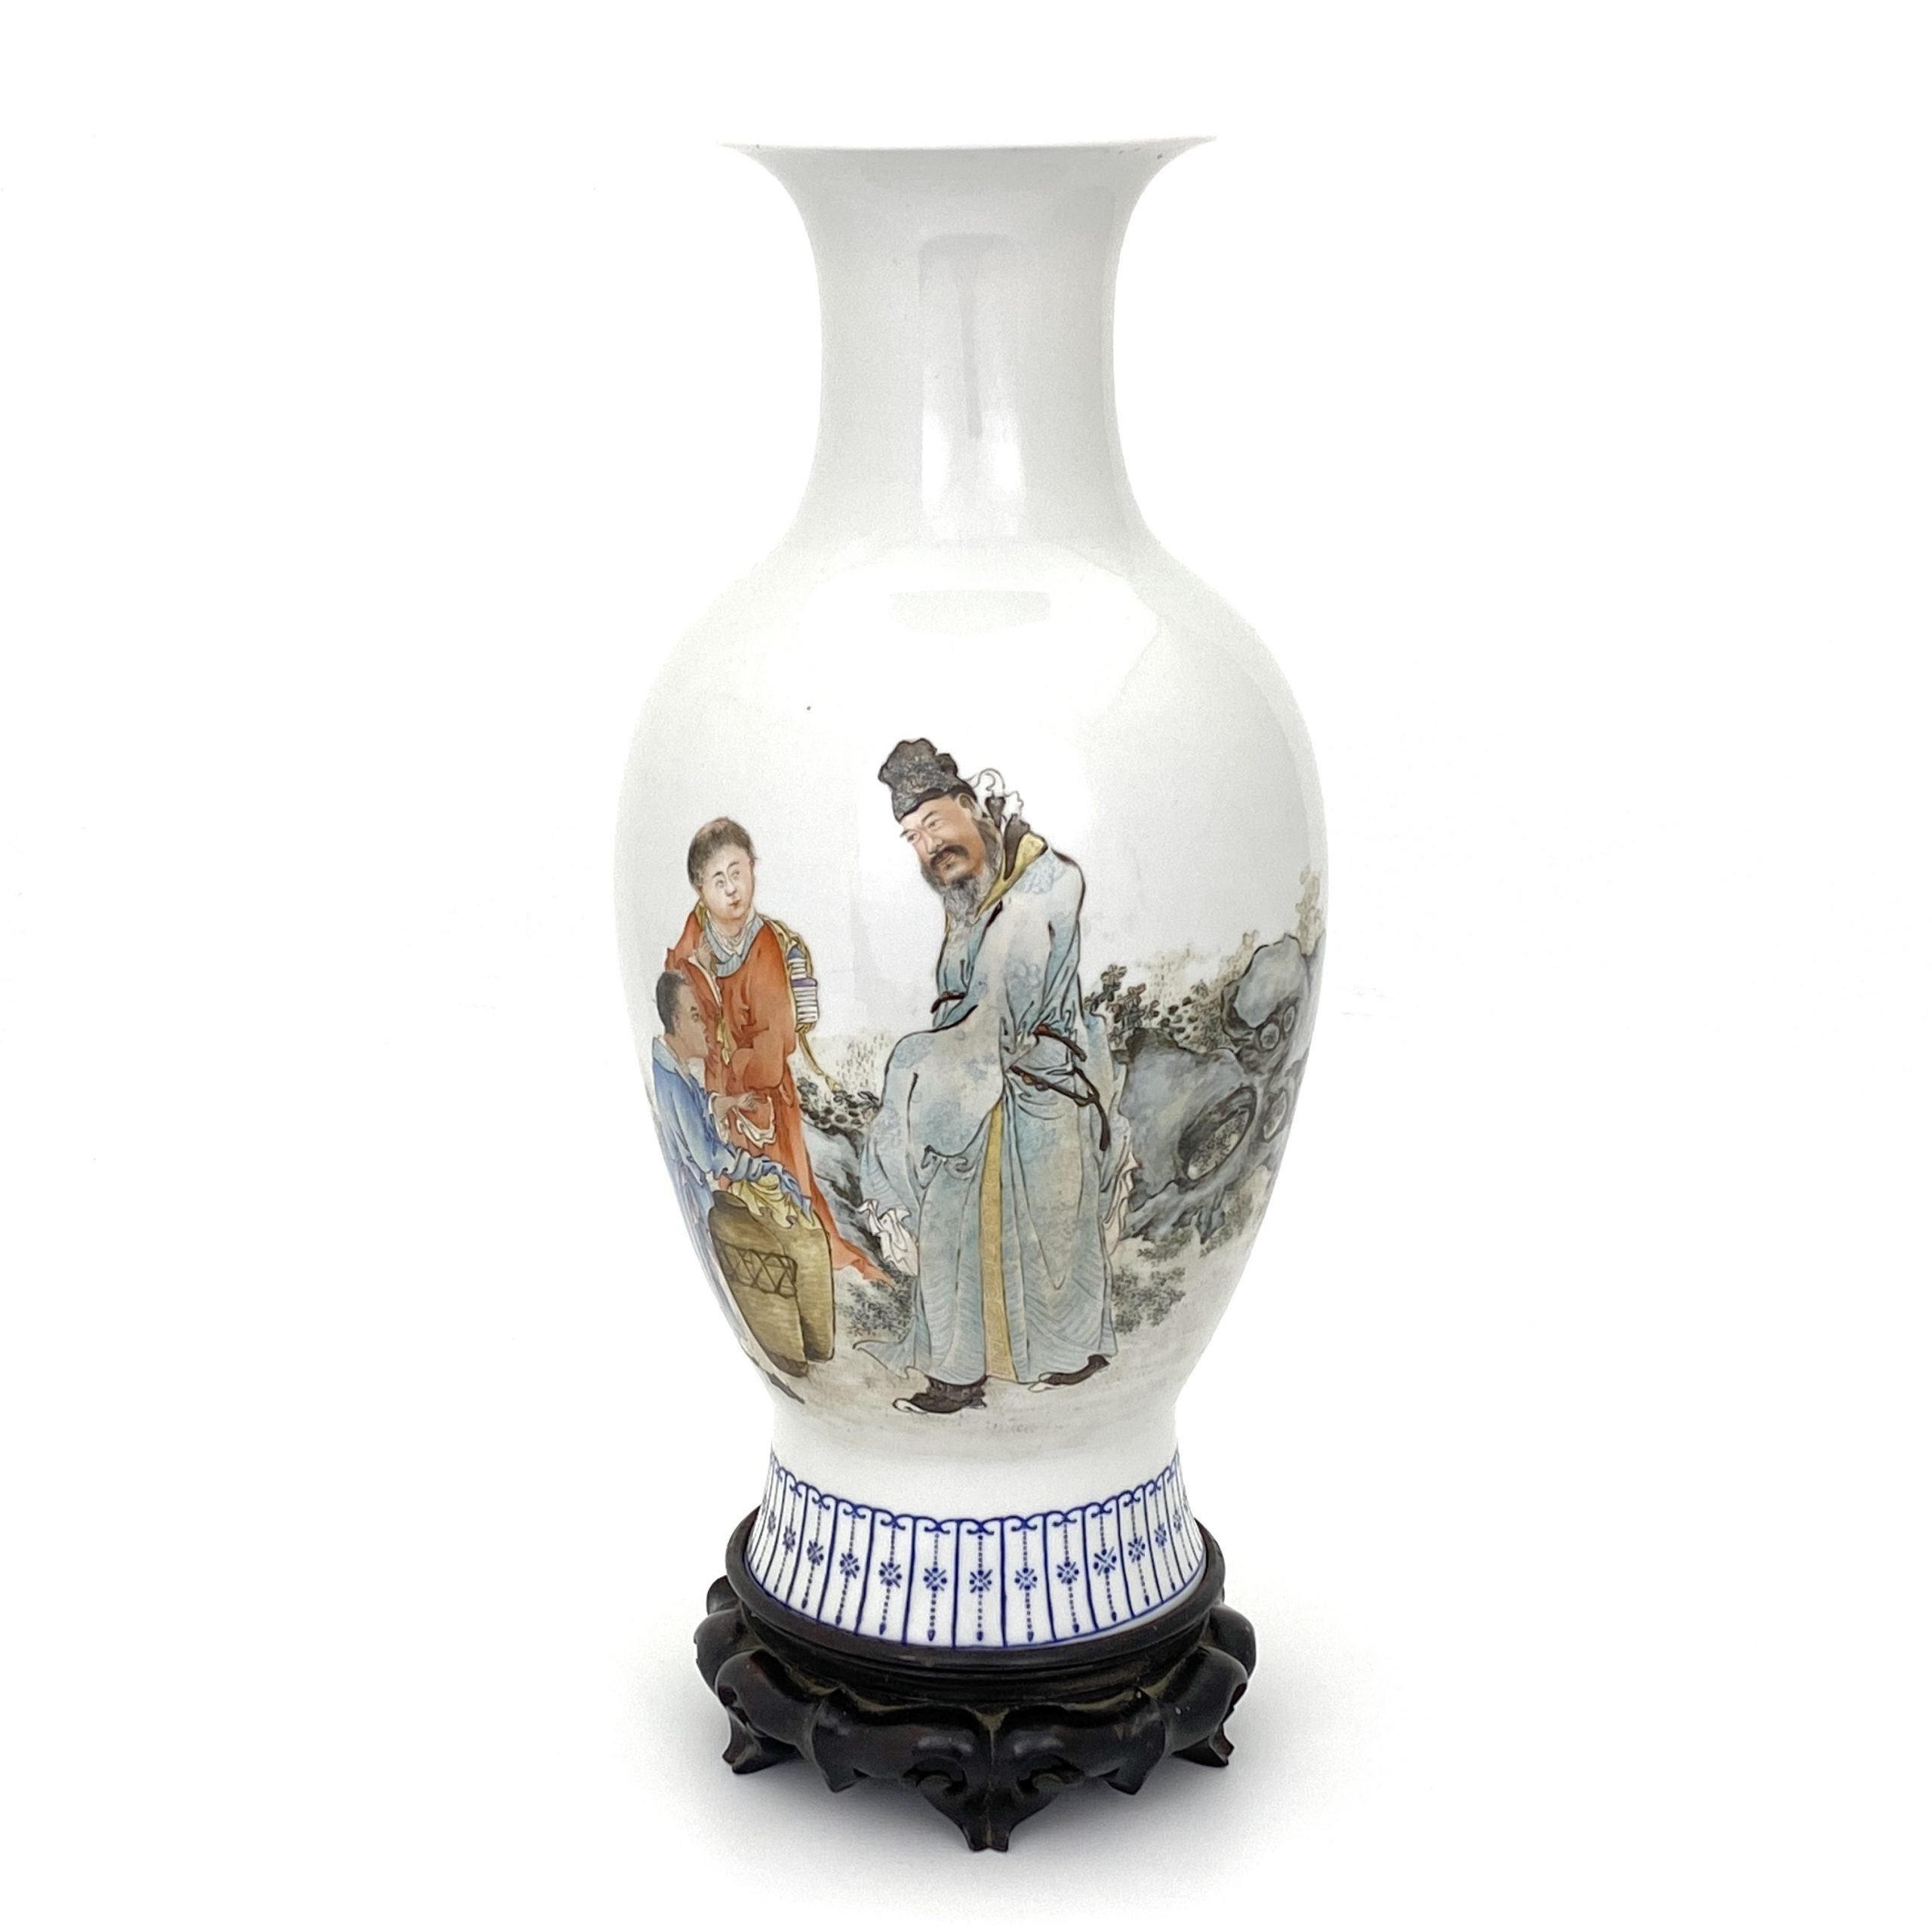 21677清「大清乾隆年製」款 粉彩 人物紋 瓶